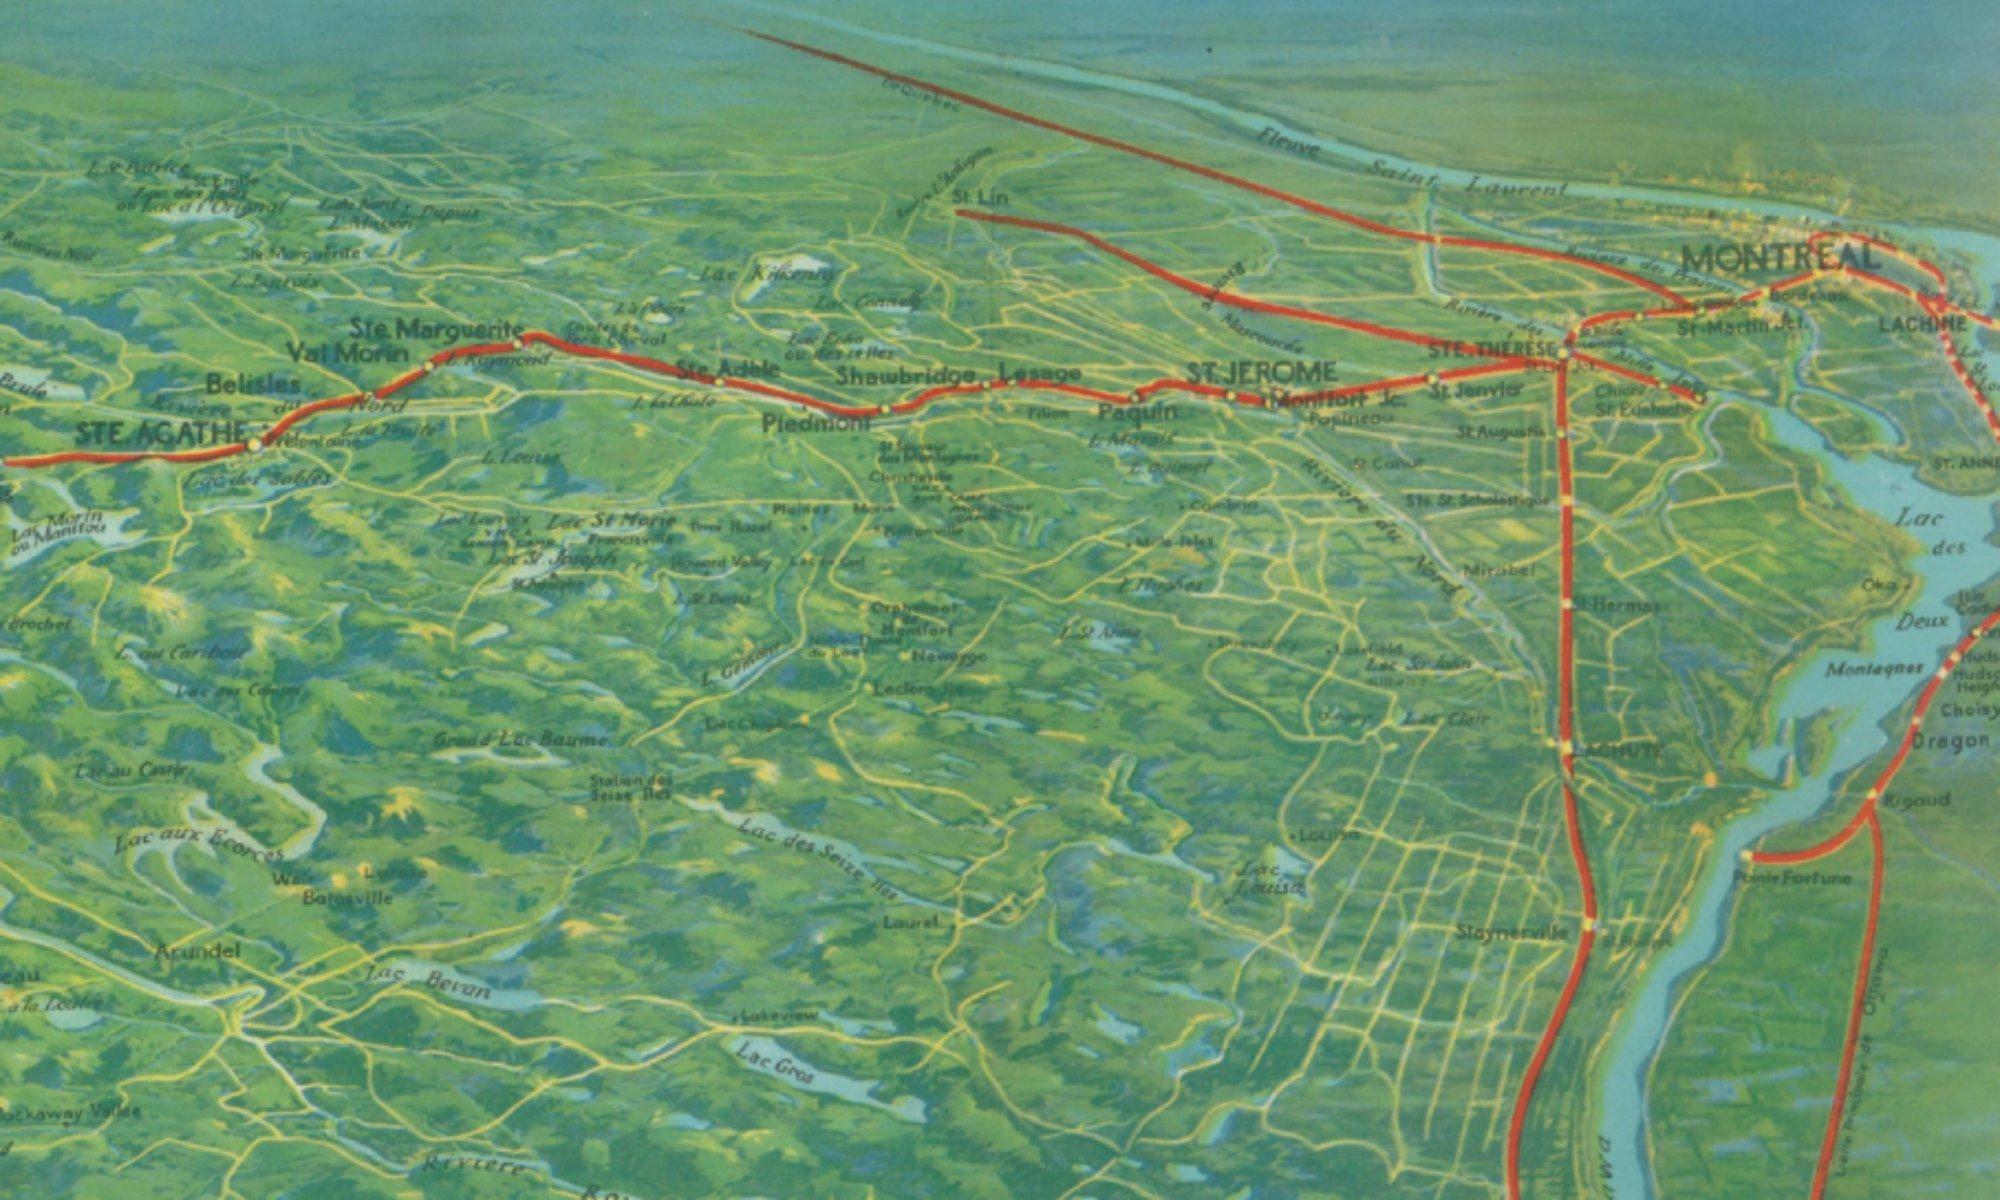 Détail d'une carte du chemin de fer du Canadien Pacifique, en 1915, via banq.qc.ca.